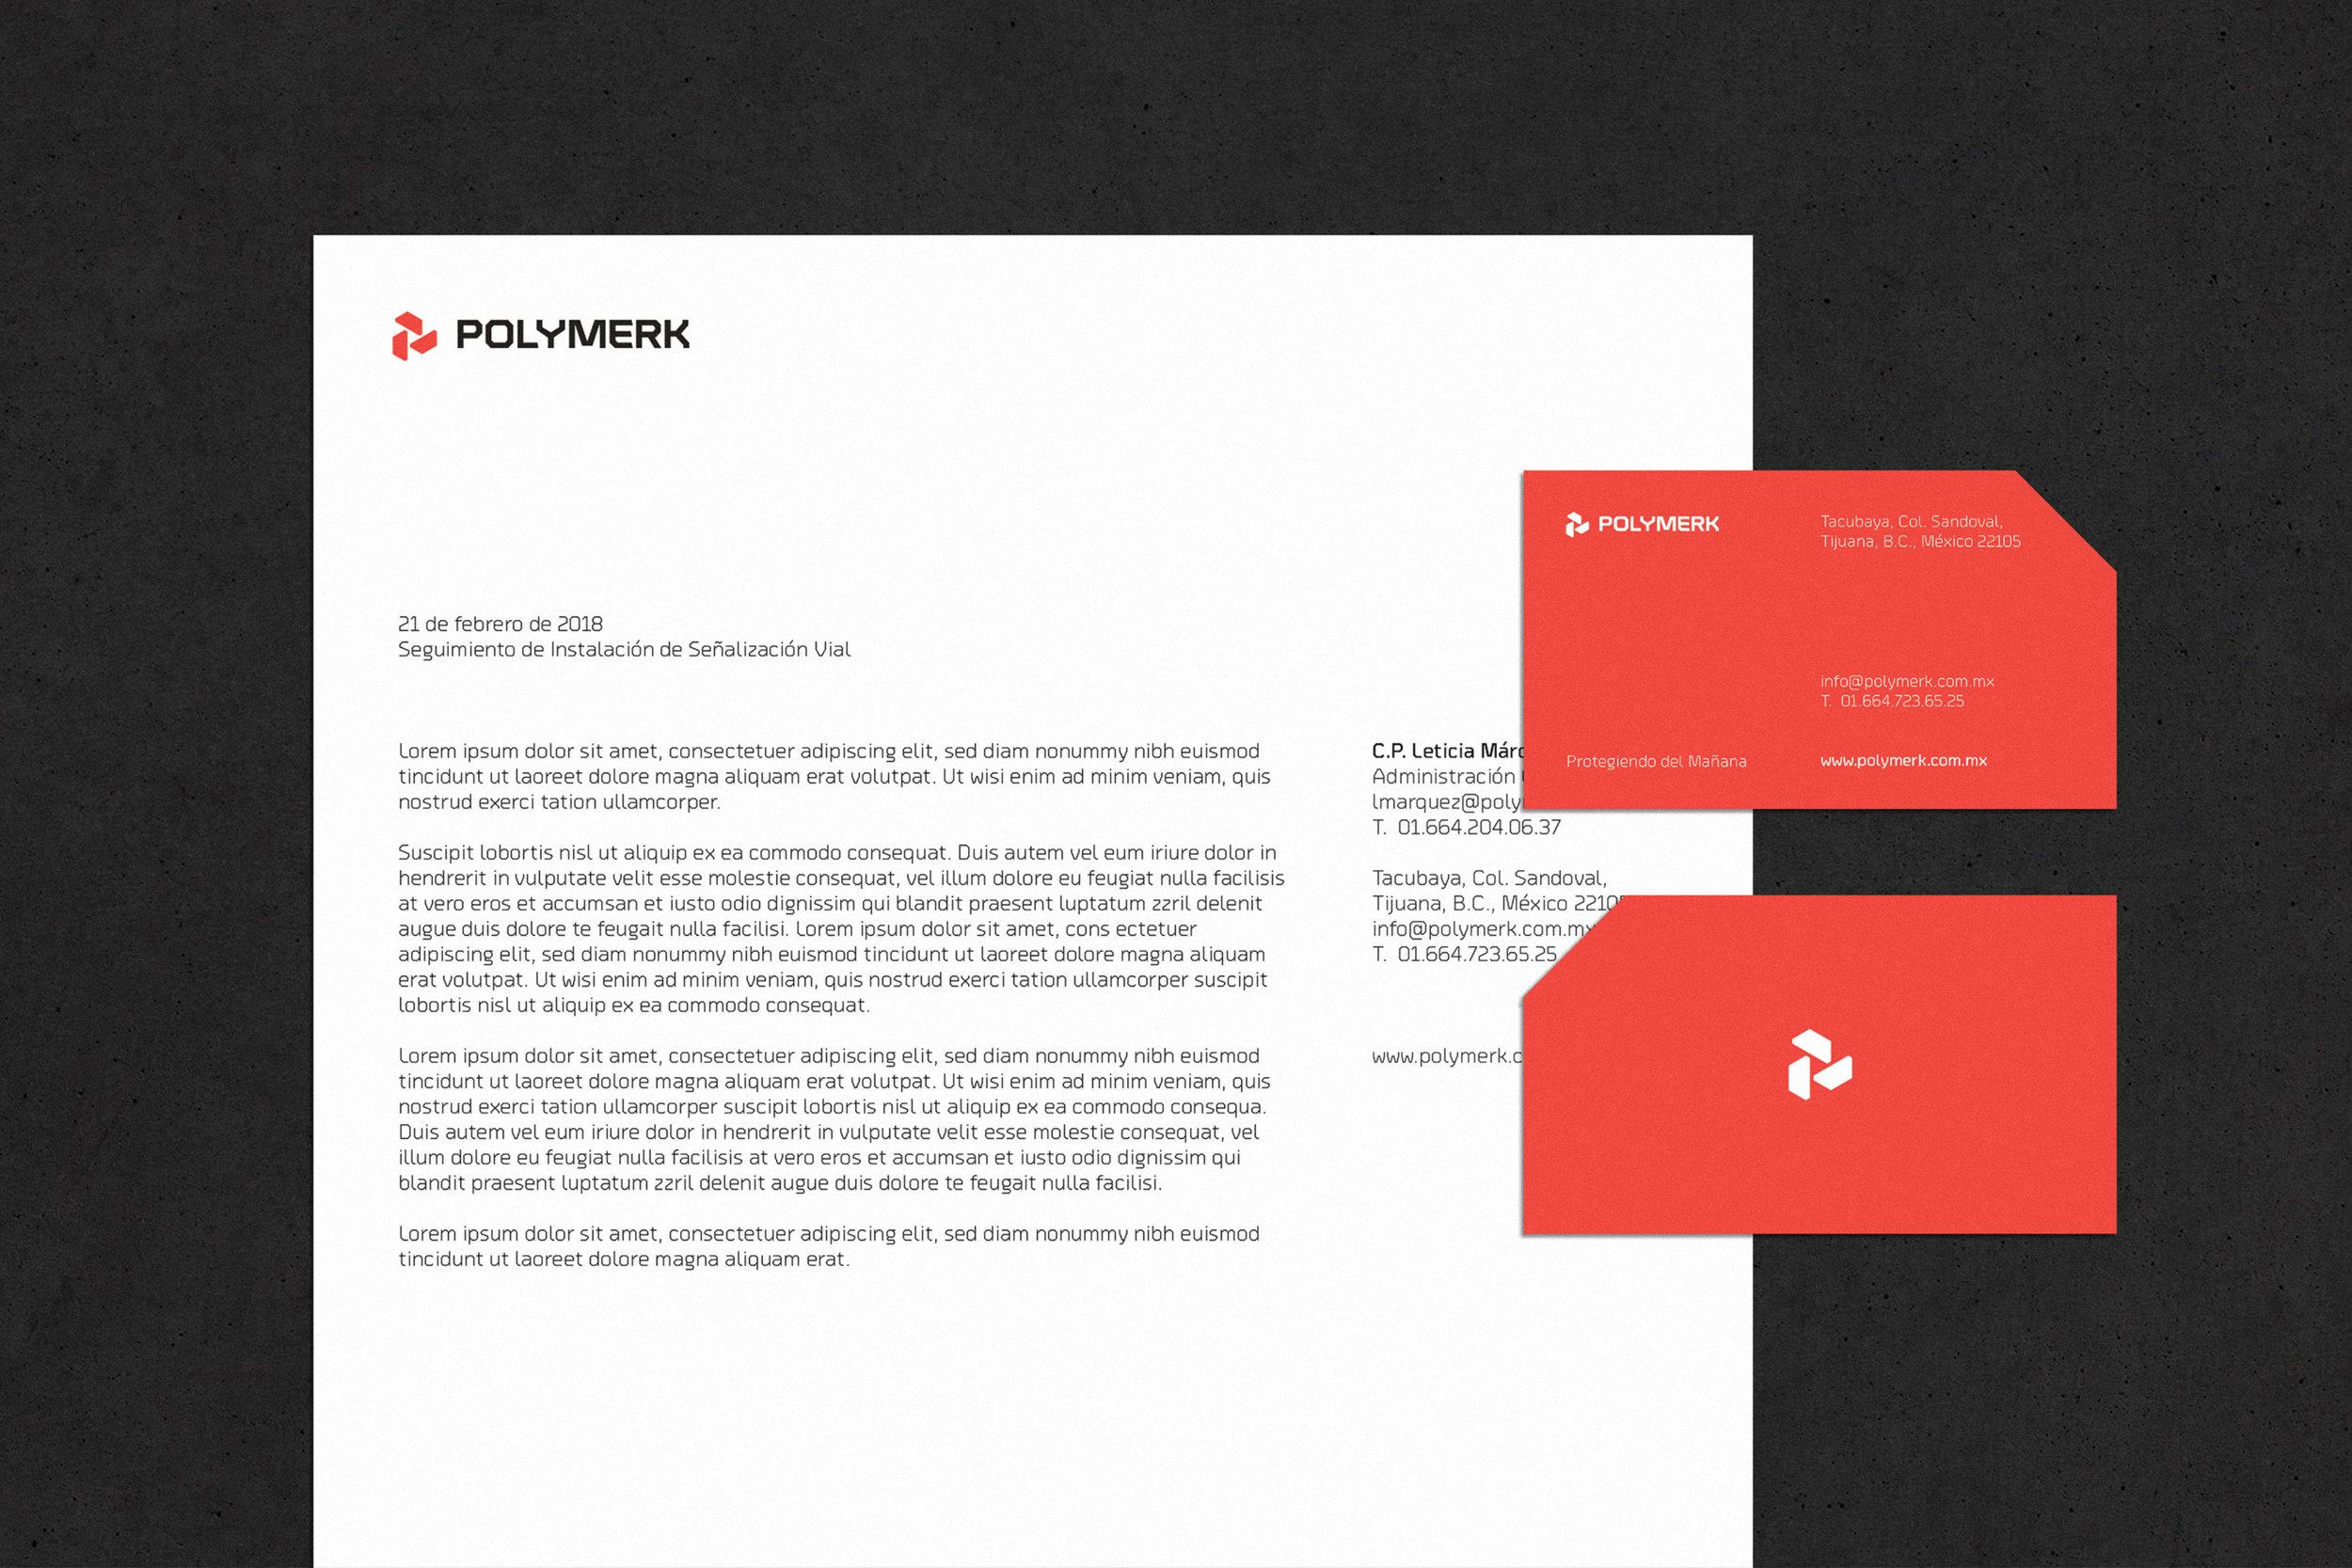 logo-design-branding-san-diego-vortic-polymerk-04